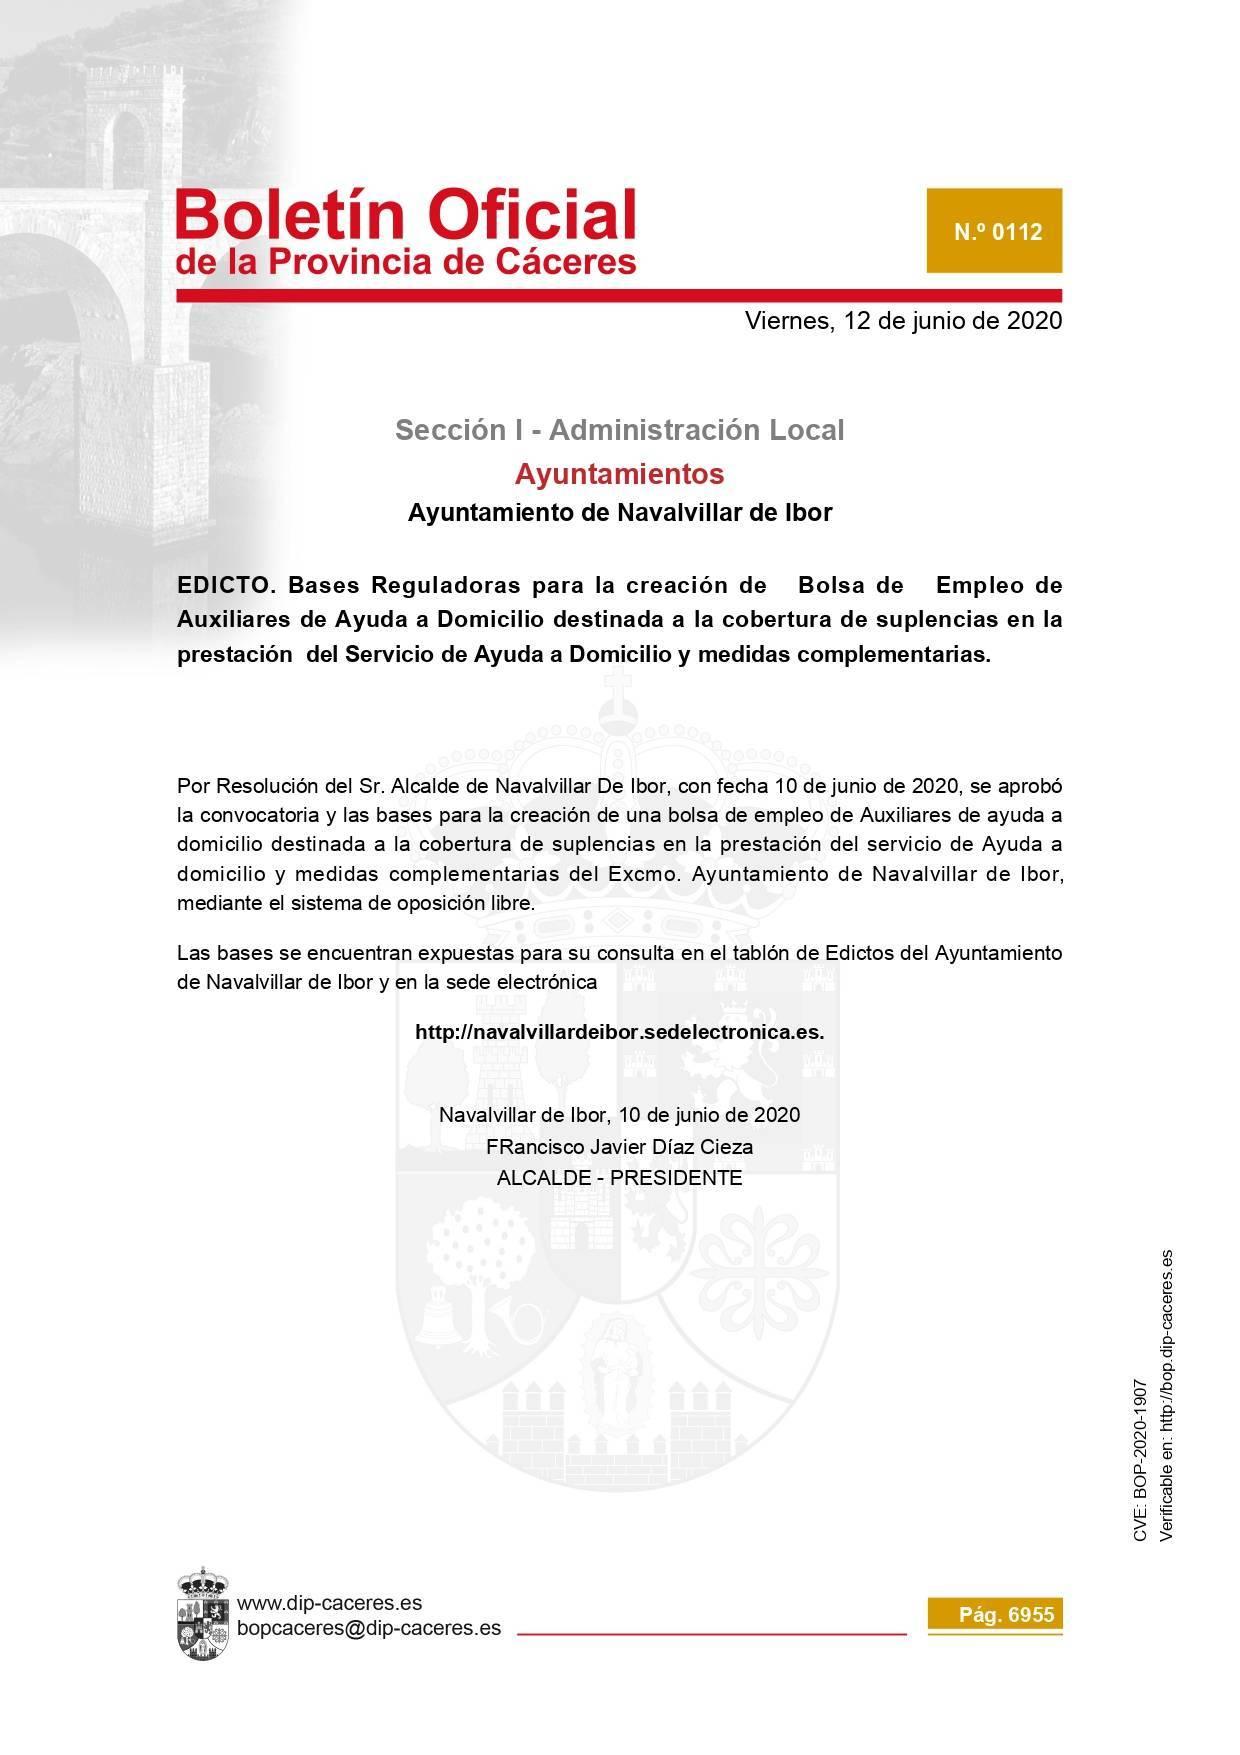 Bolsa de auxiliares de ayuda a domicilio 2020 - Navalvillar de Ibor (Cáceres)